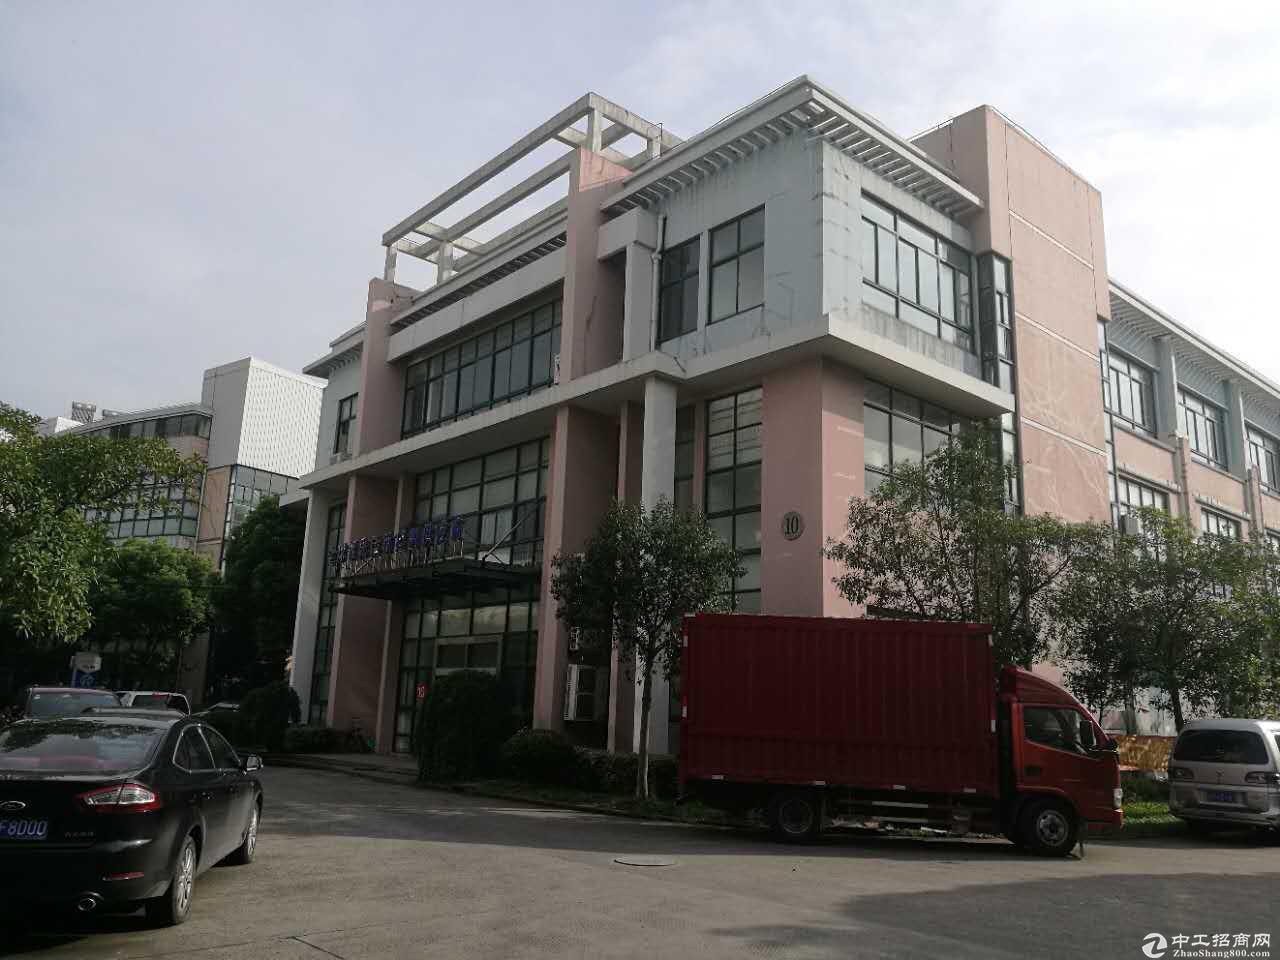 嘉定安亭汽车产业园独栋绿证50年办公仓储精装修厂房